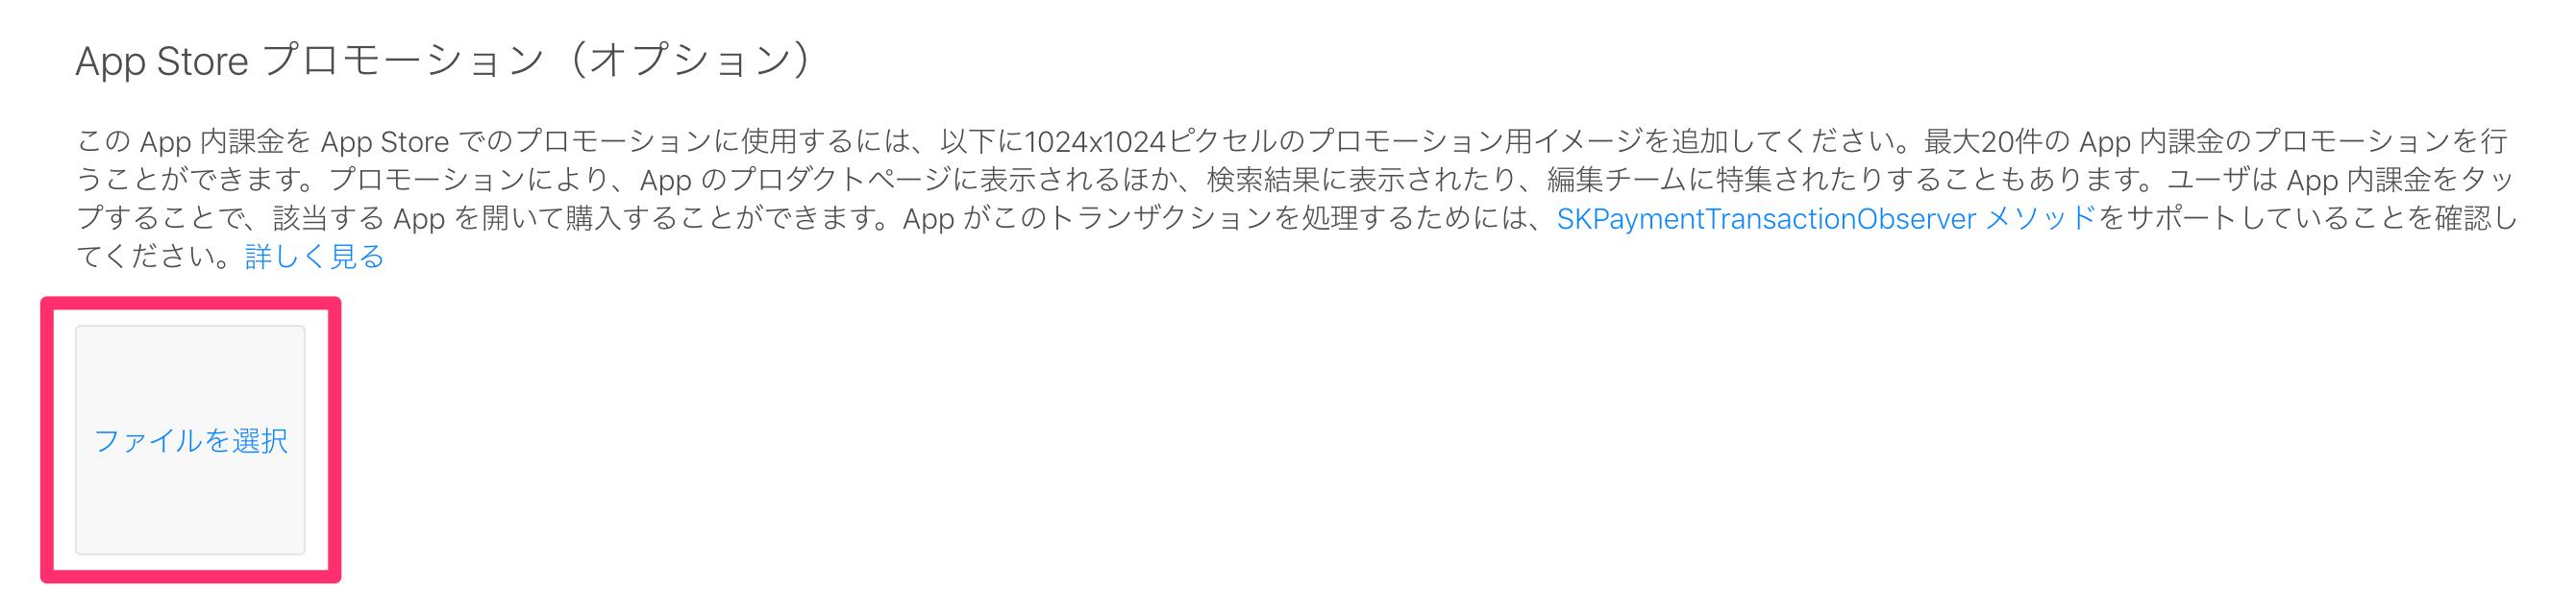 スクリーンショット_2019-12-03_20_17_15.png